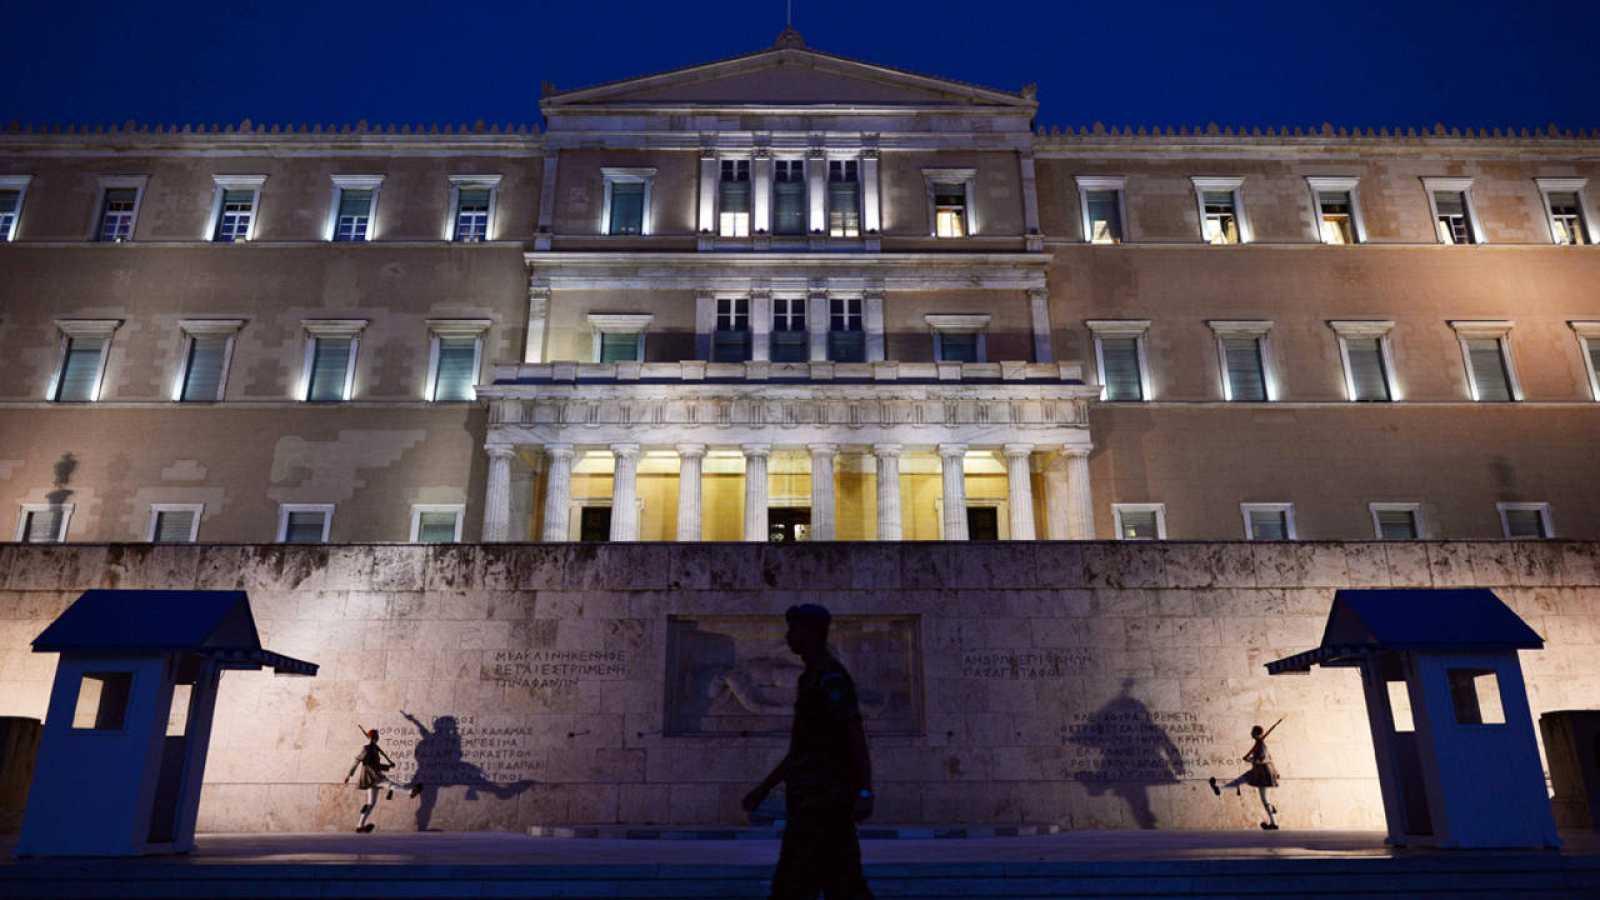 El Parlamento de Grecia, Atenas